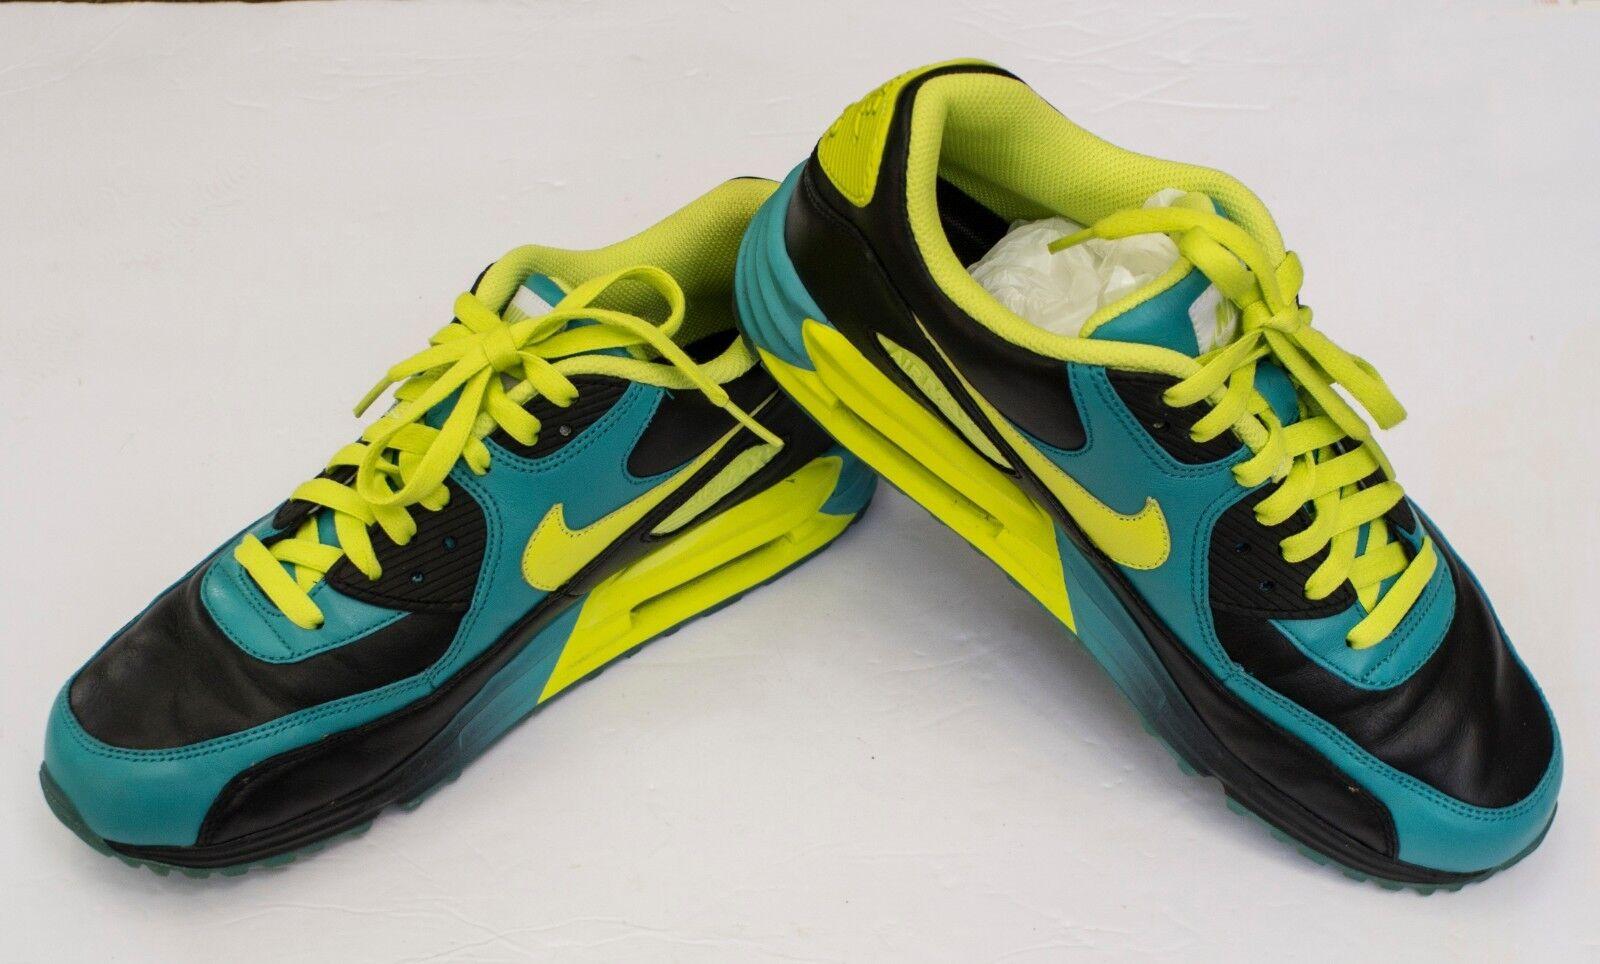 Nike Air Max 90 Essential iD Männer USA Gr. 9.5 Blau Schwarz Gelb UK 8.5